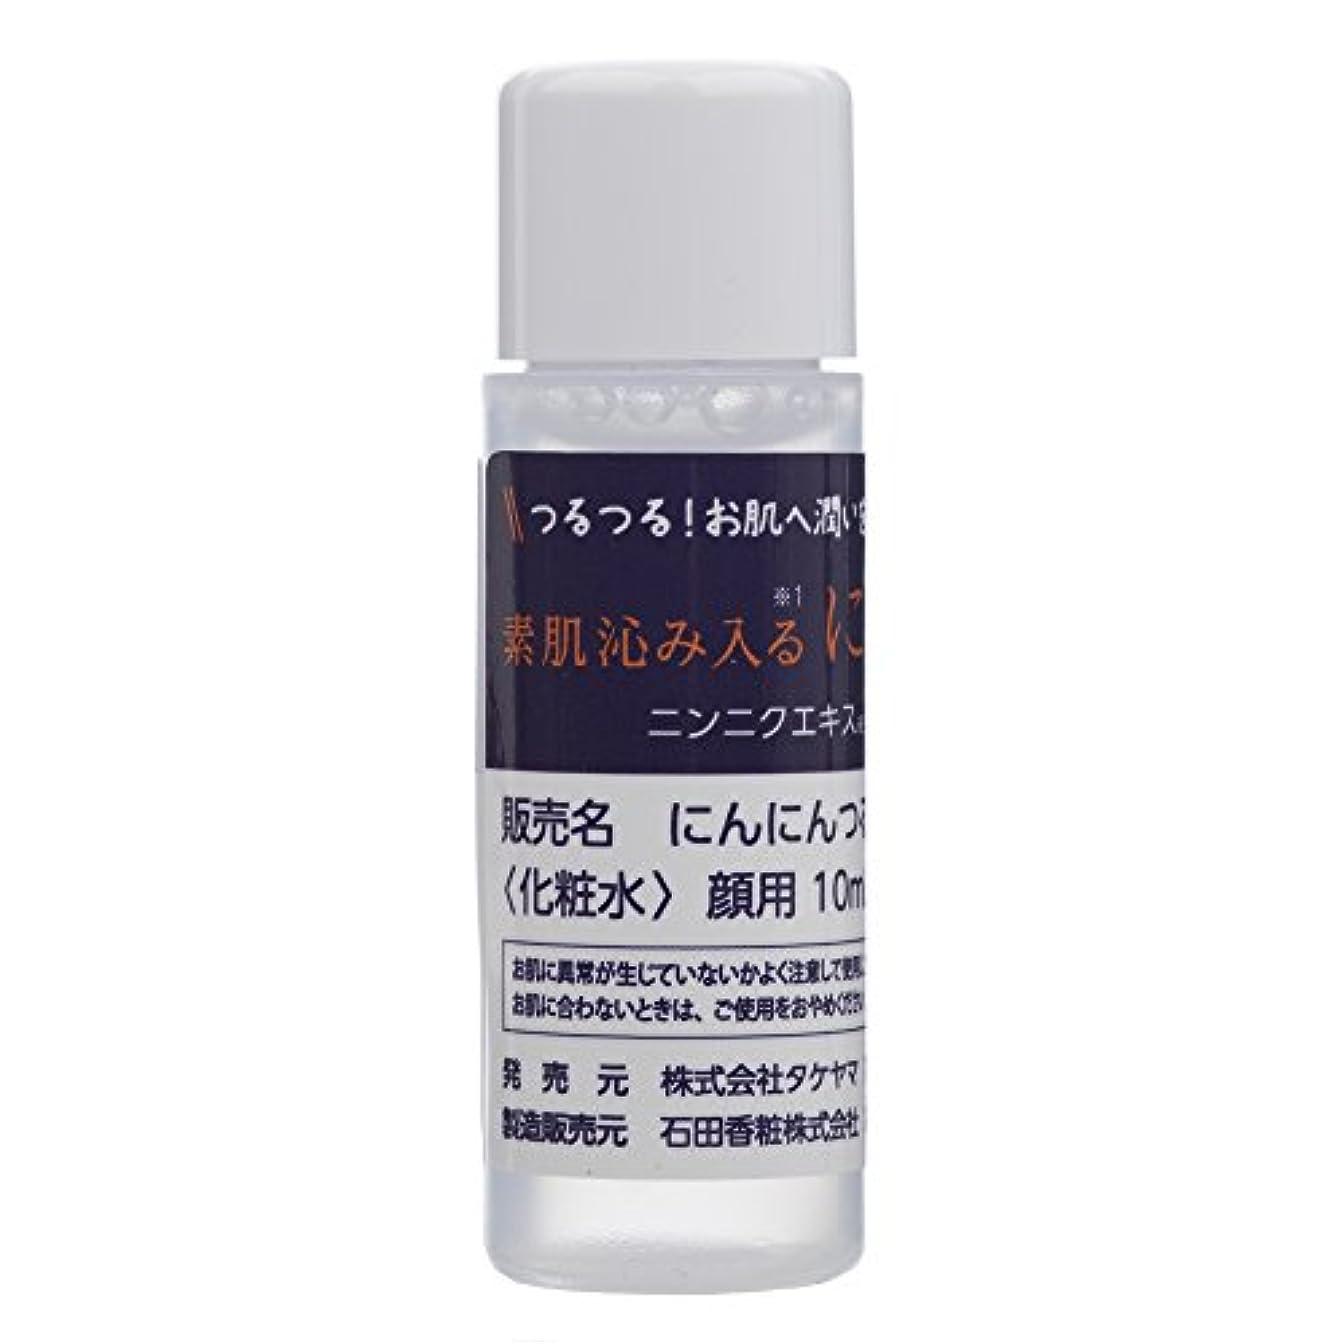 休み昼間主婦にんにんつるり お肌の健康と潤いを保つ化粧水です。 10ml